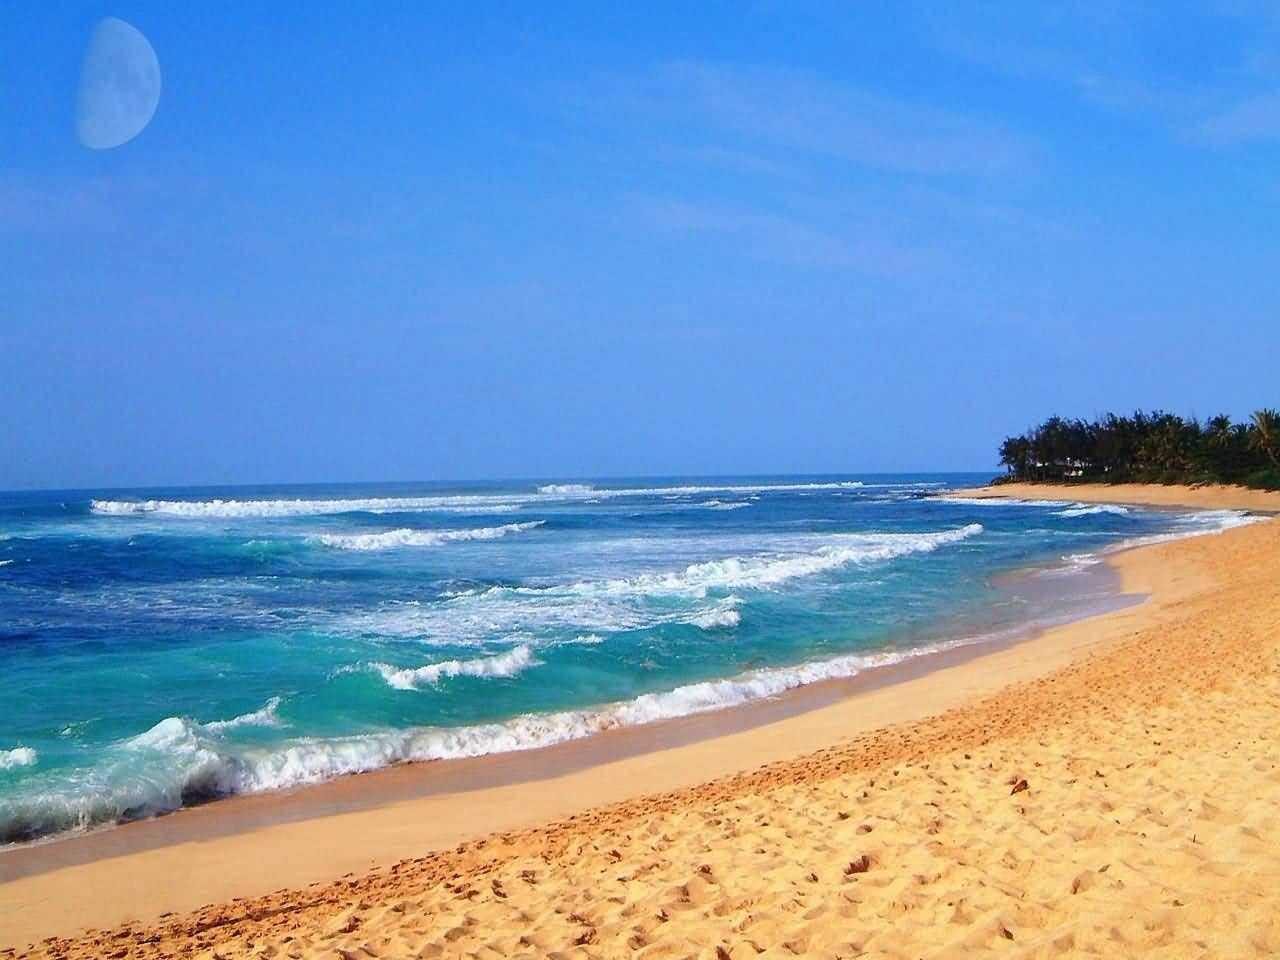 Deniz ve Sahil 682d0 - Sahil